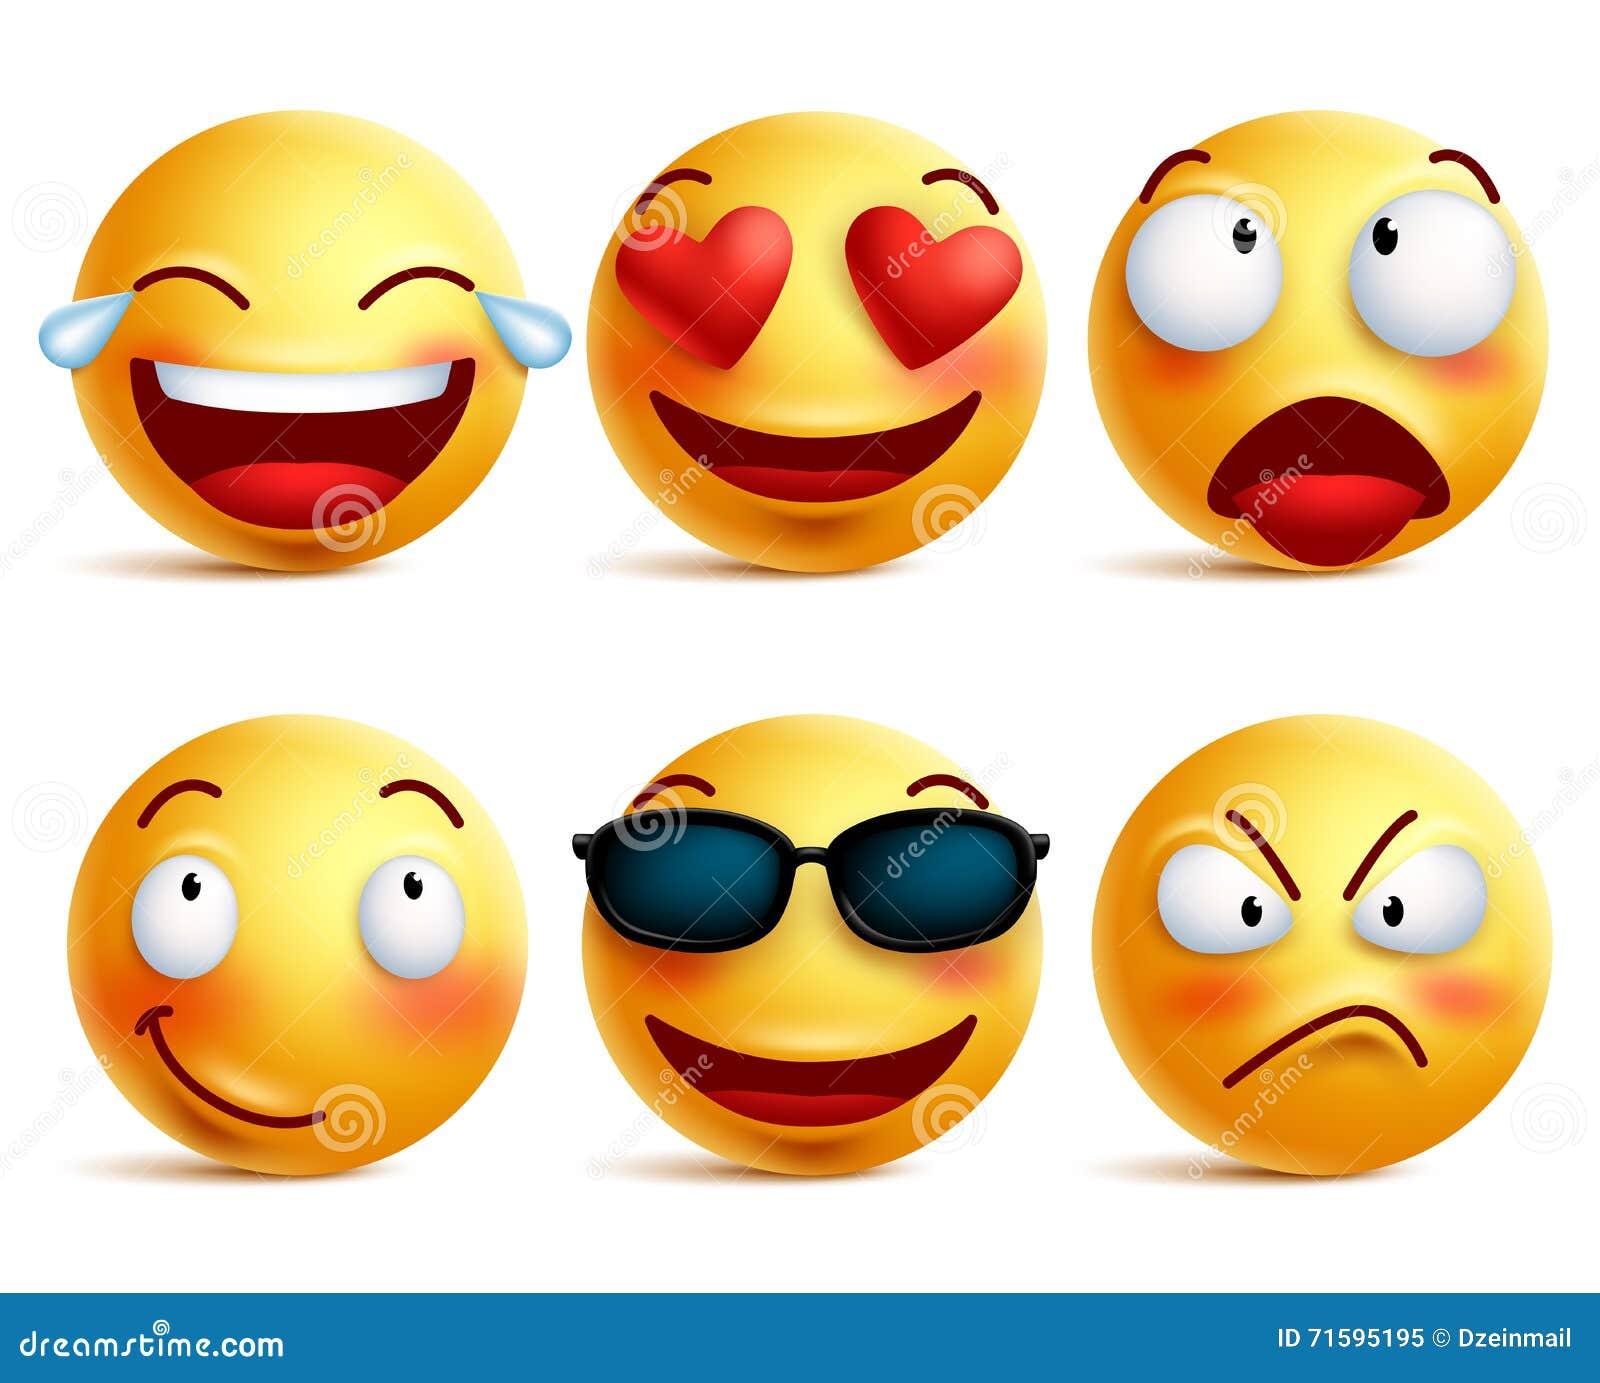 Smileygesichtsikonen oder gelbe Emoticons mit emotionalen lustigen Gesichtern